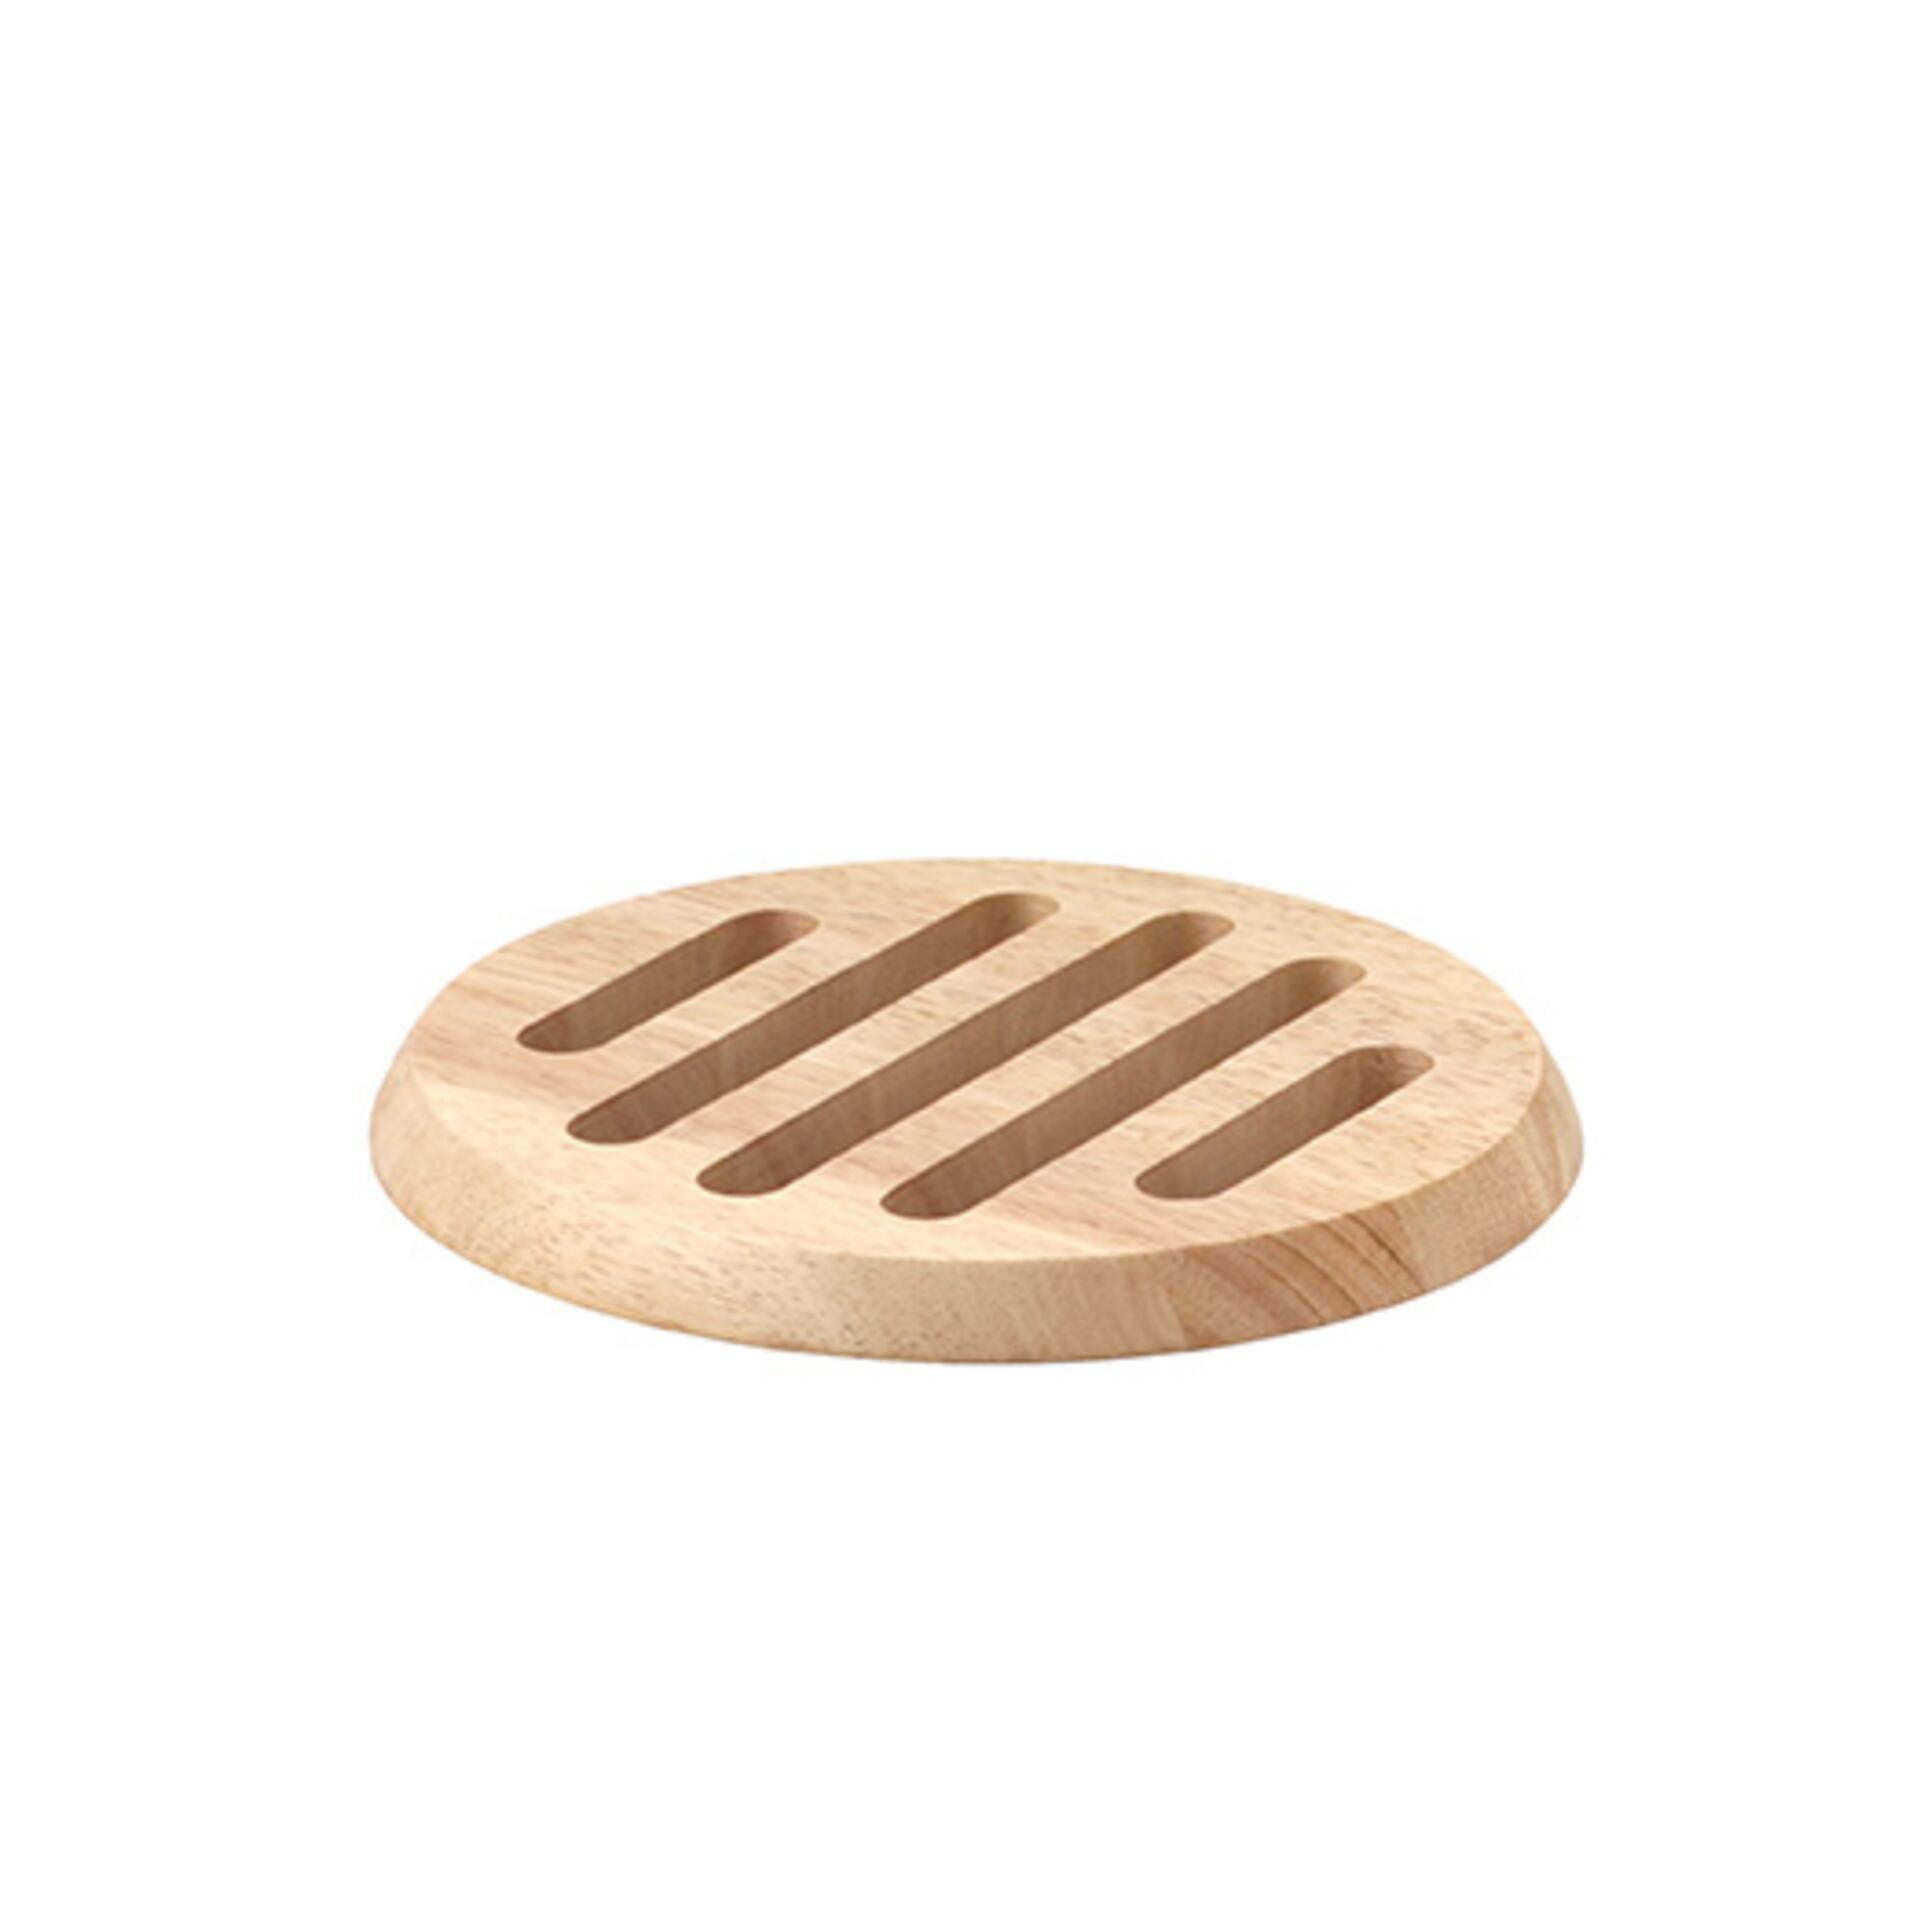 Continenta Untersetzer rund Holz 20 cm